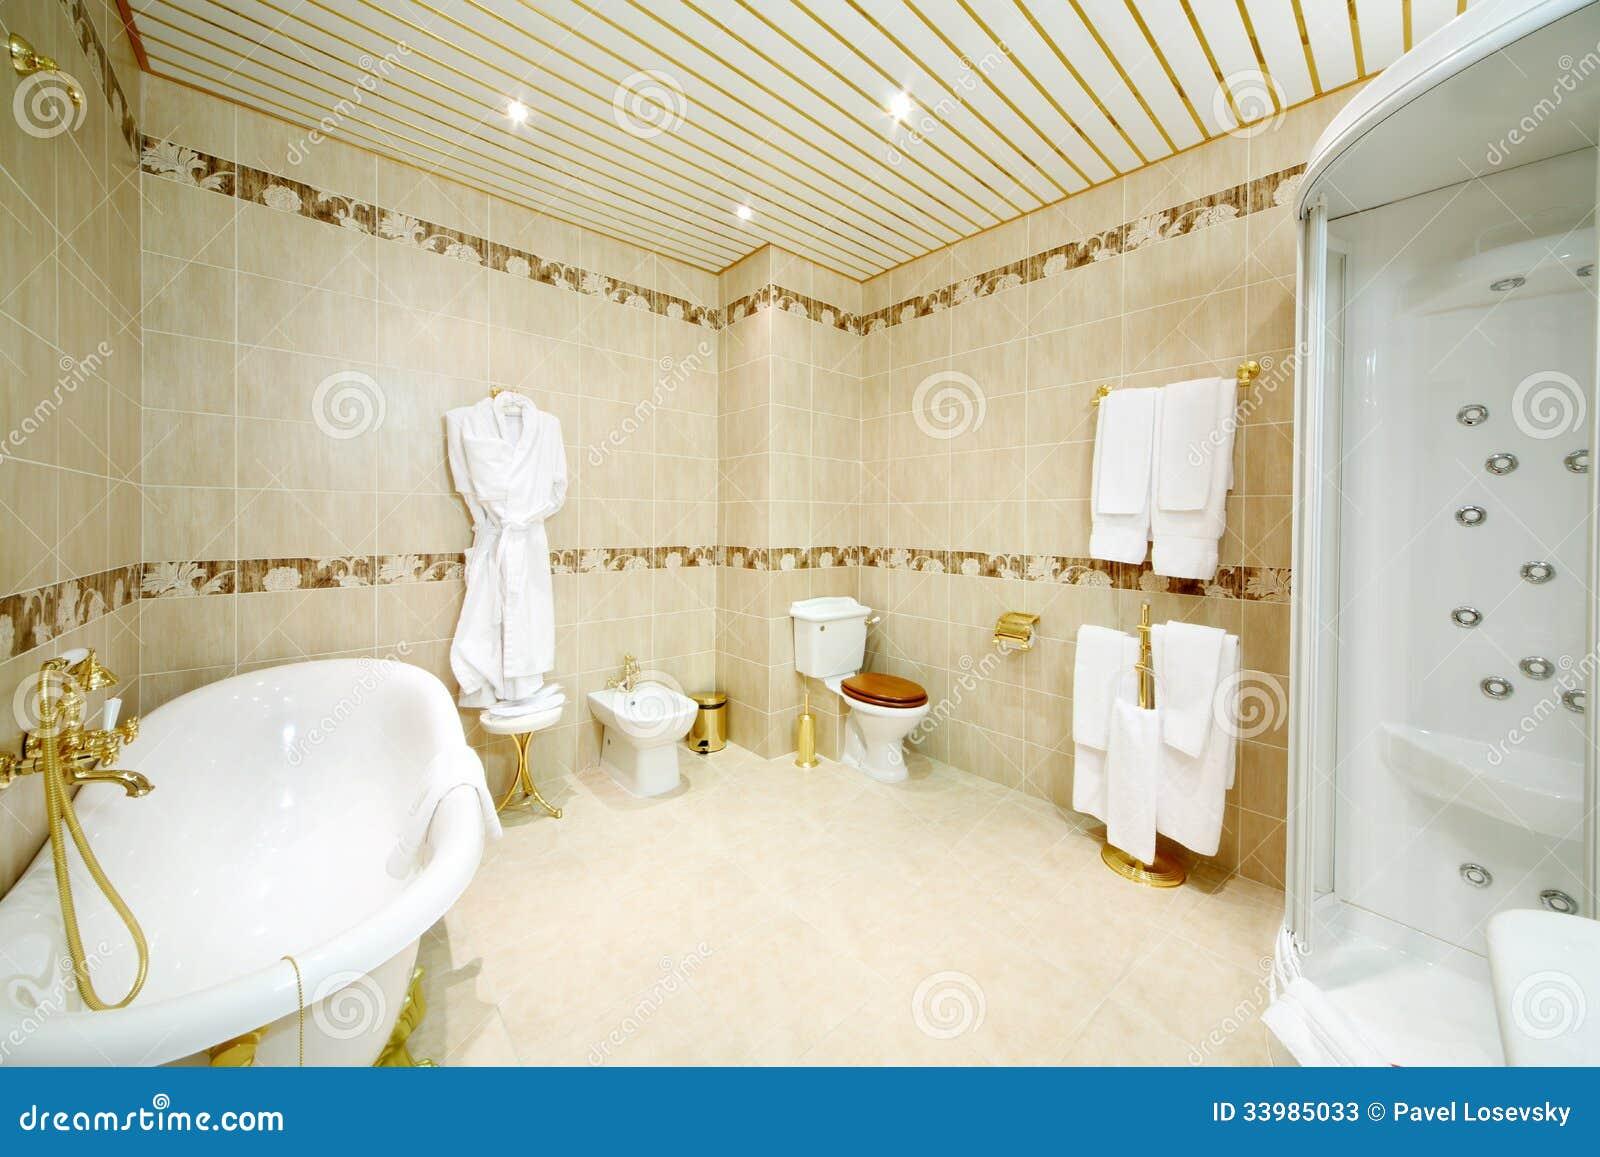 Fotos de Stock: Banheiro limpo com banho cabine do chuveiro toalete  #6D400F 1300 957